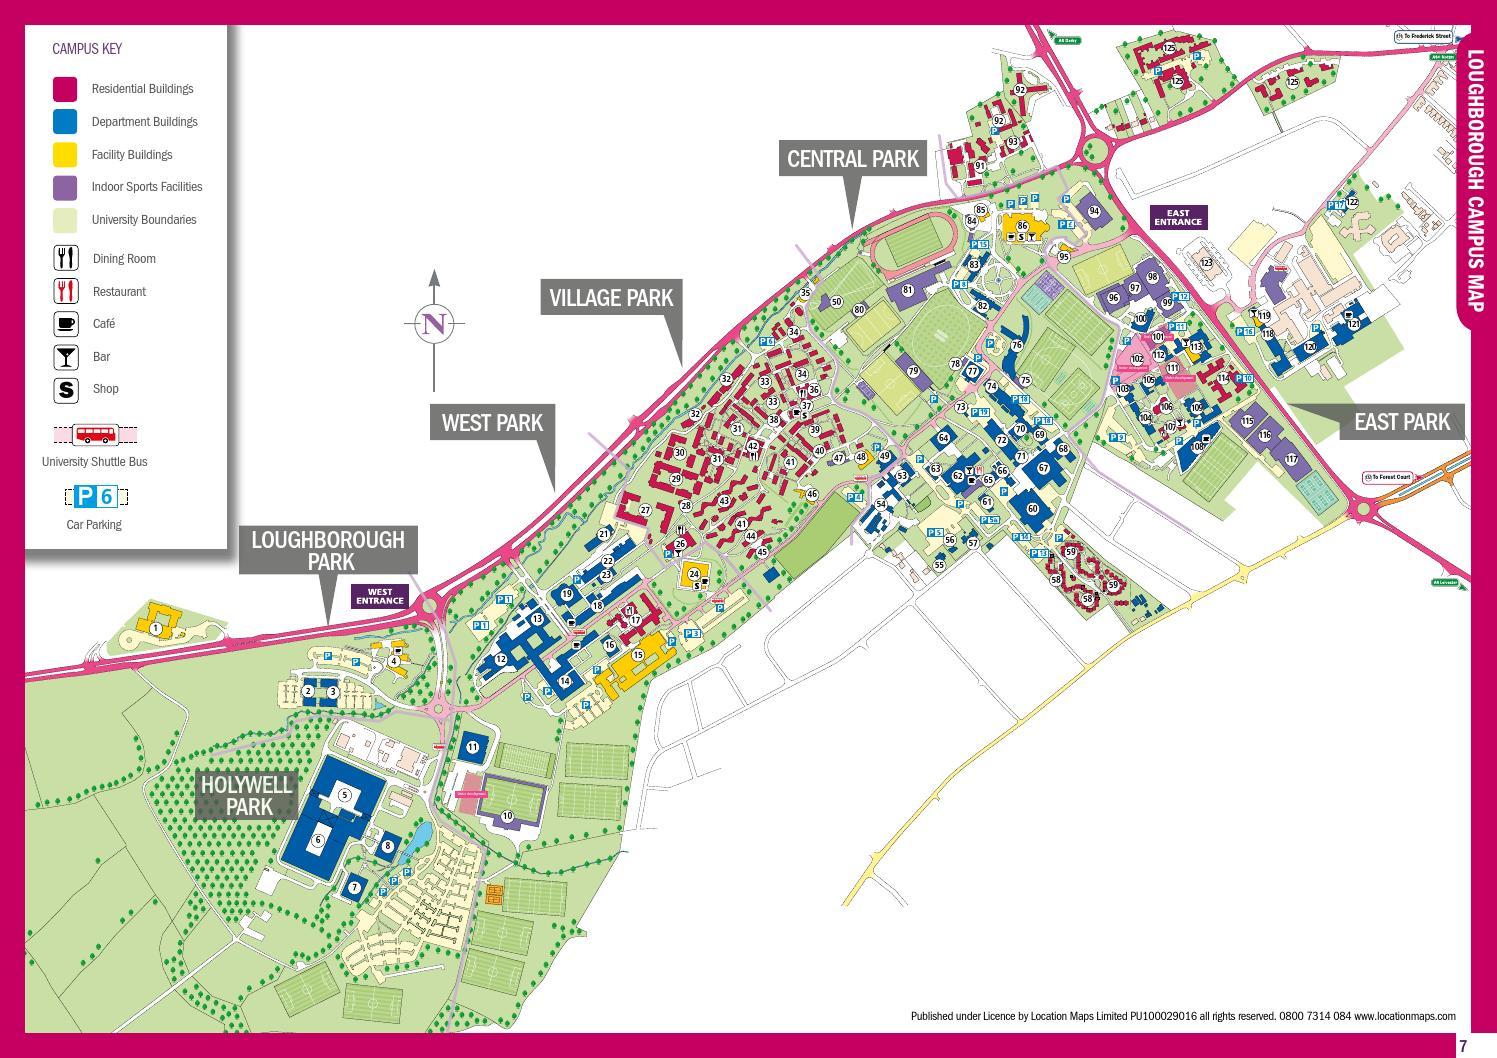 Loughborough University Campus Map Campus Map 2012 by Loughborough University   issuu